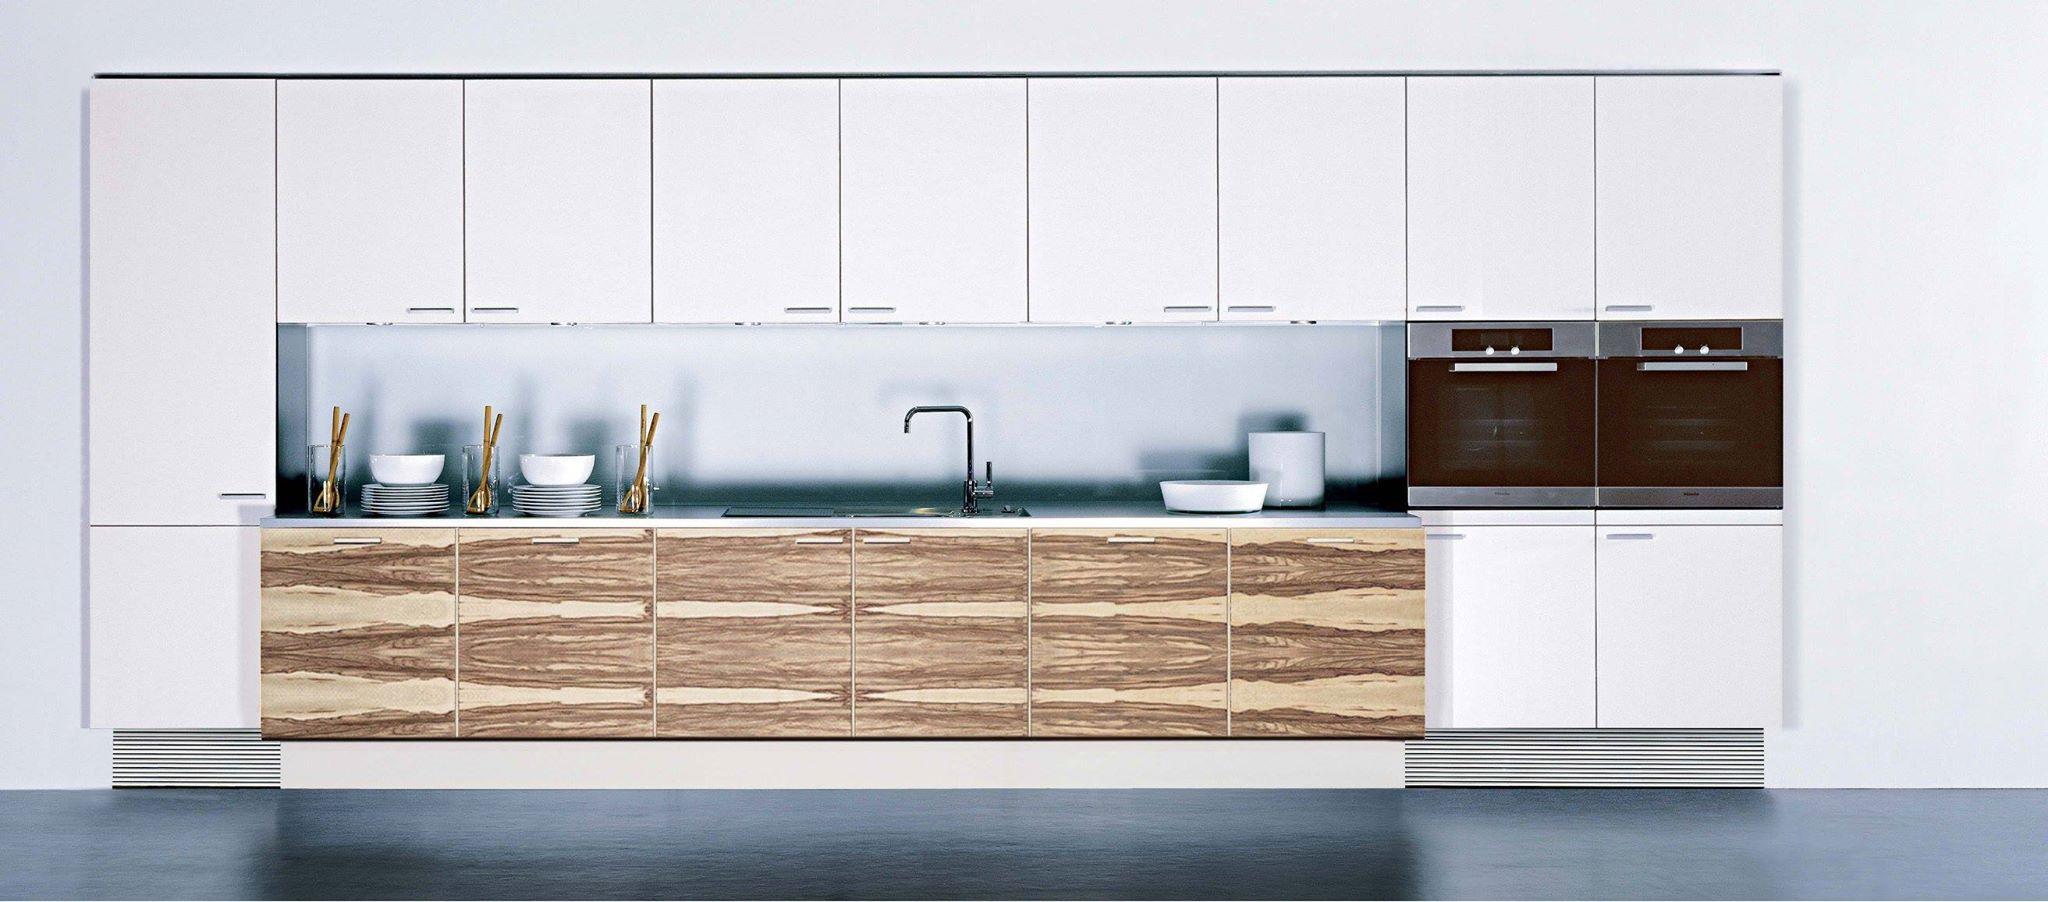 Design keukens van poggenpohl op maat gemaakt   nieuws startpagina ...